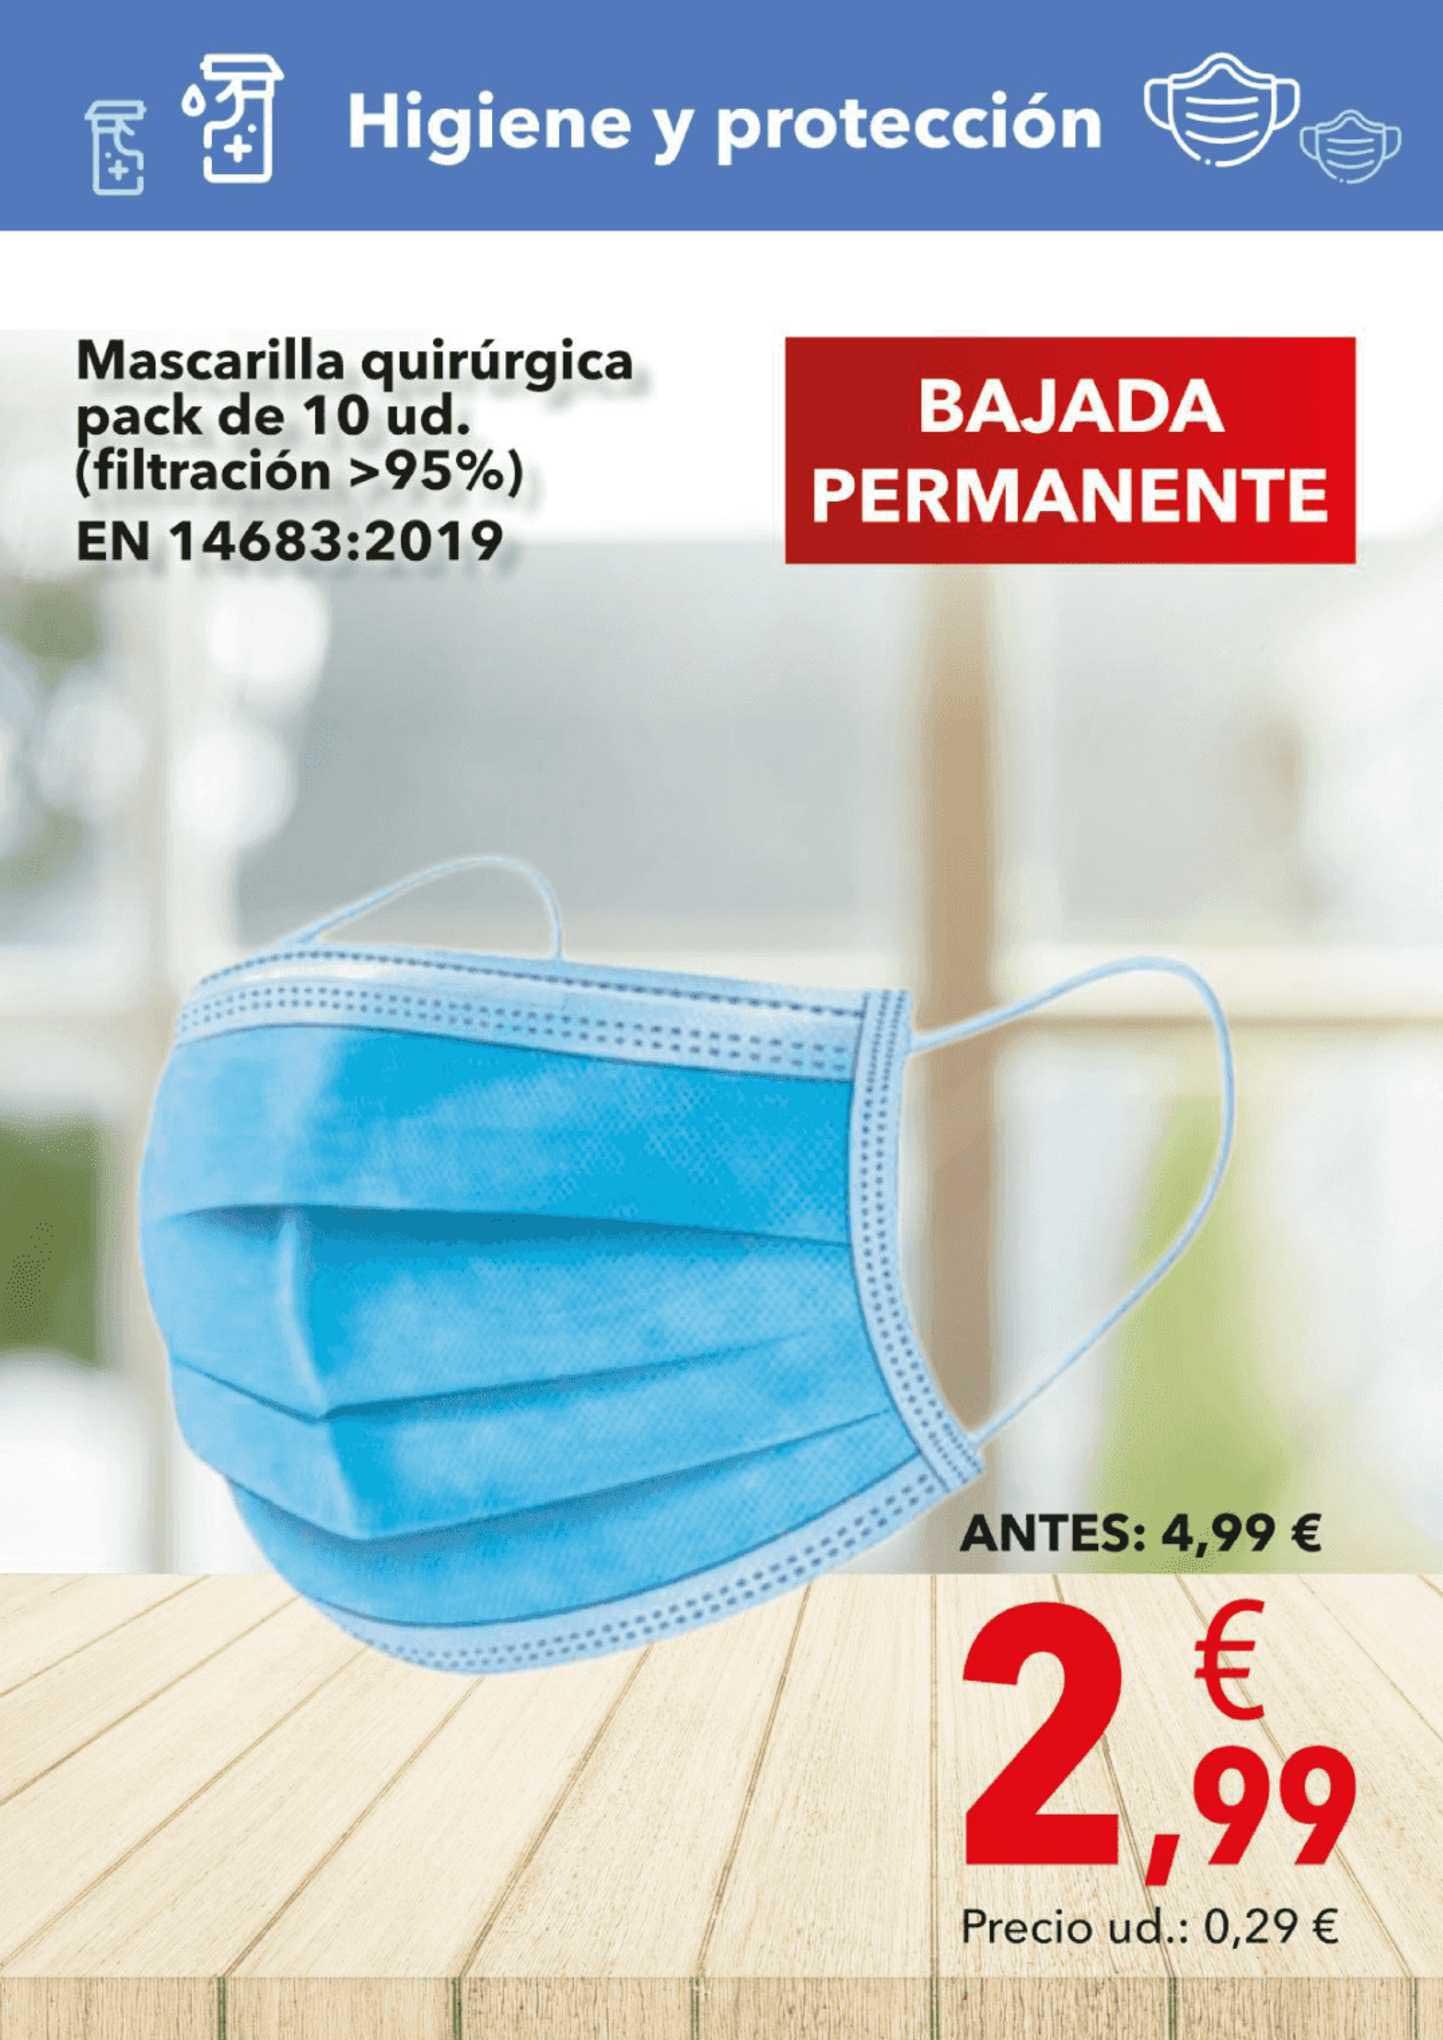 Clarel Mascarilla Quirúrgica Pack De 10 Ud.